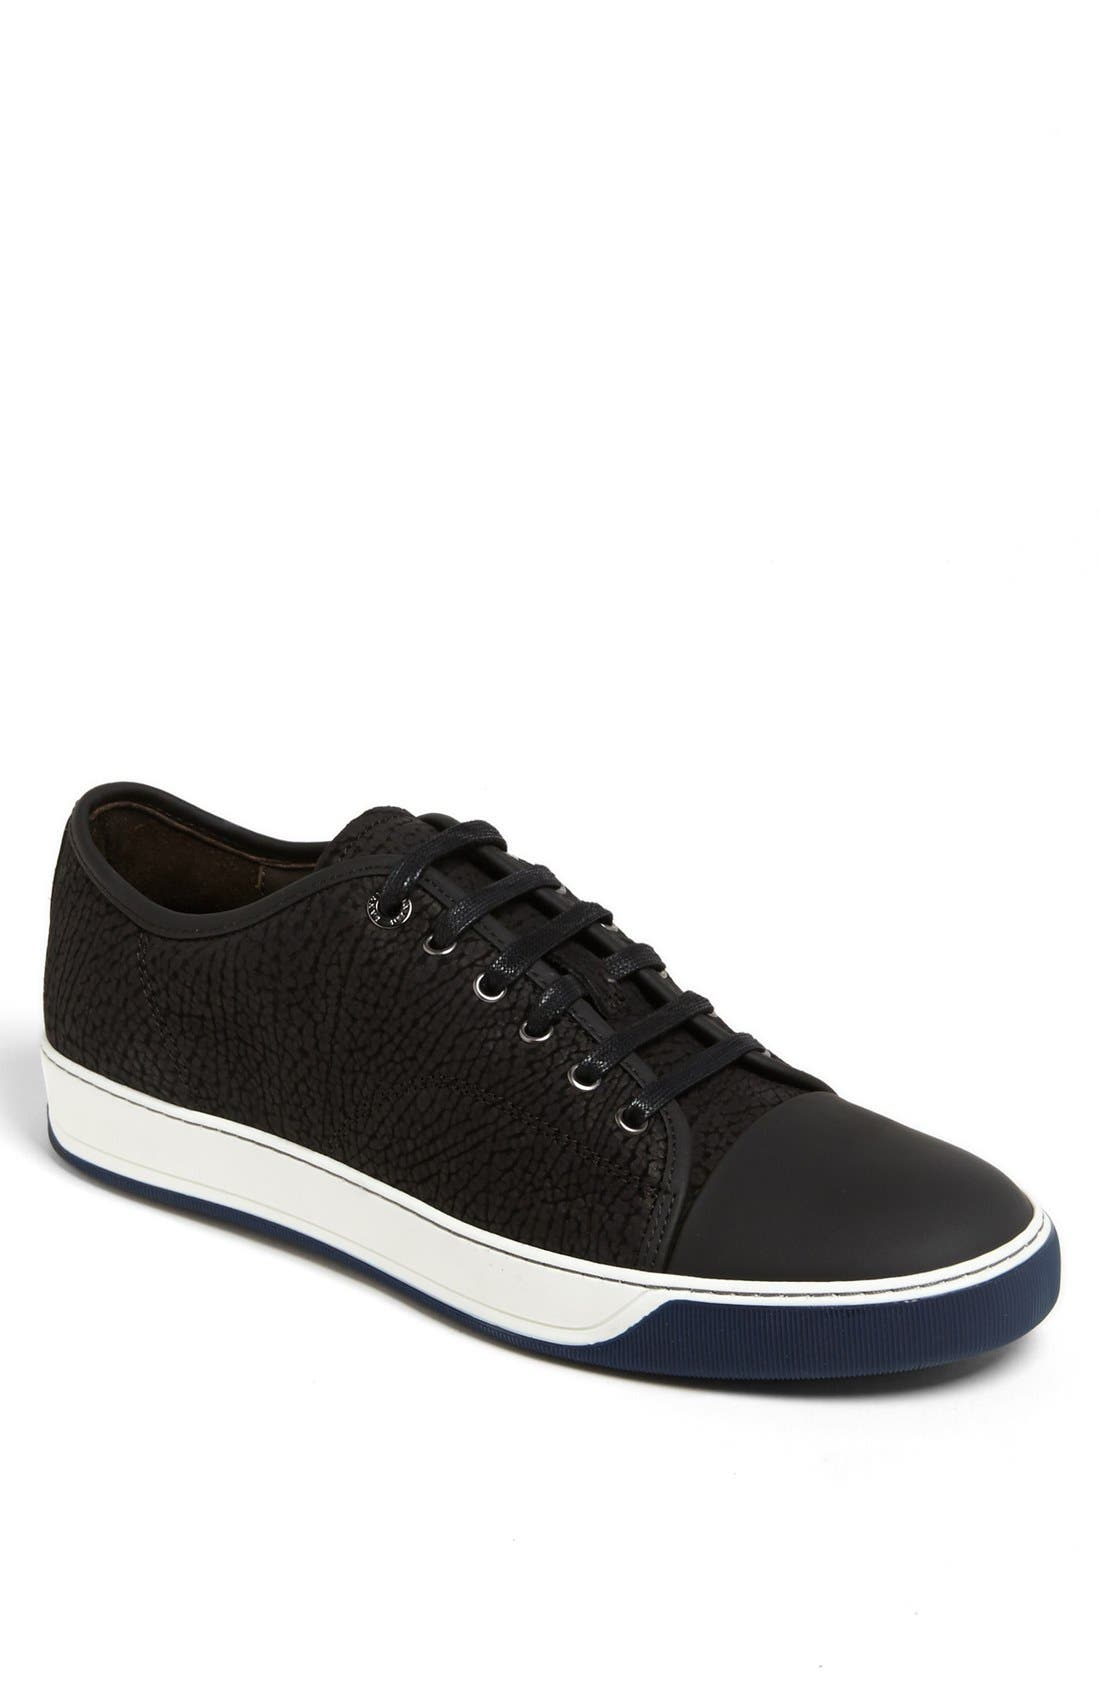 Main Image - Lanvin Low Top Sneaker